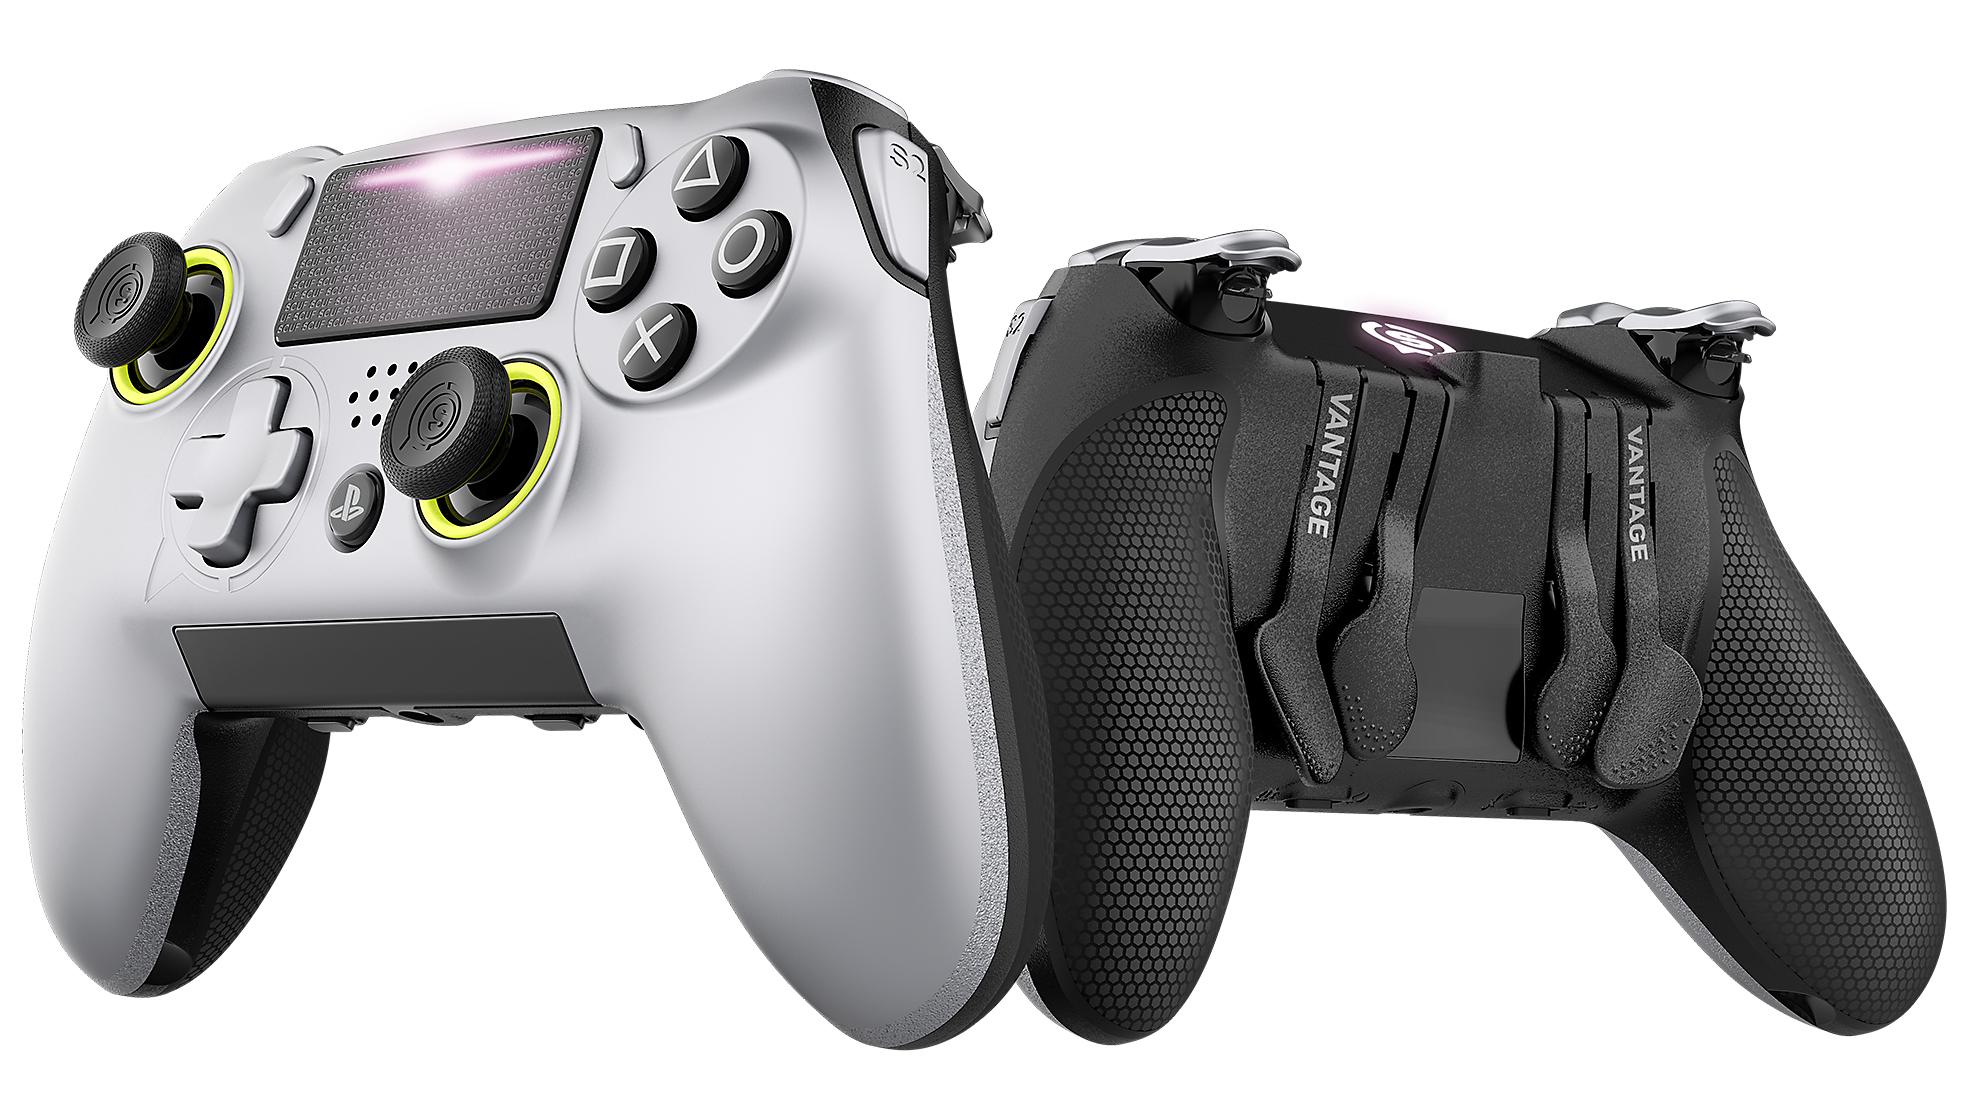 ▷ Los mejores controladores de PS4 2019: las mejores opciones para juegos más inteligentes 2